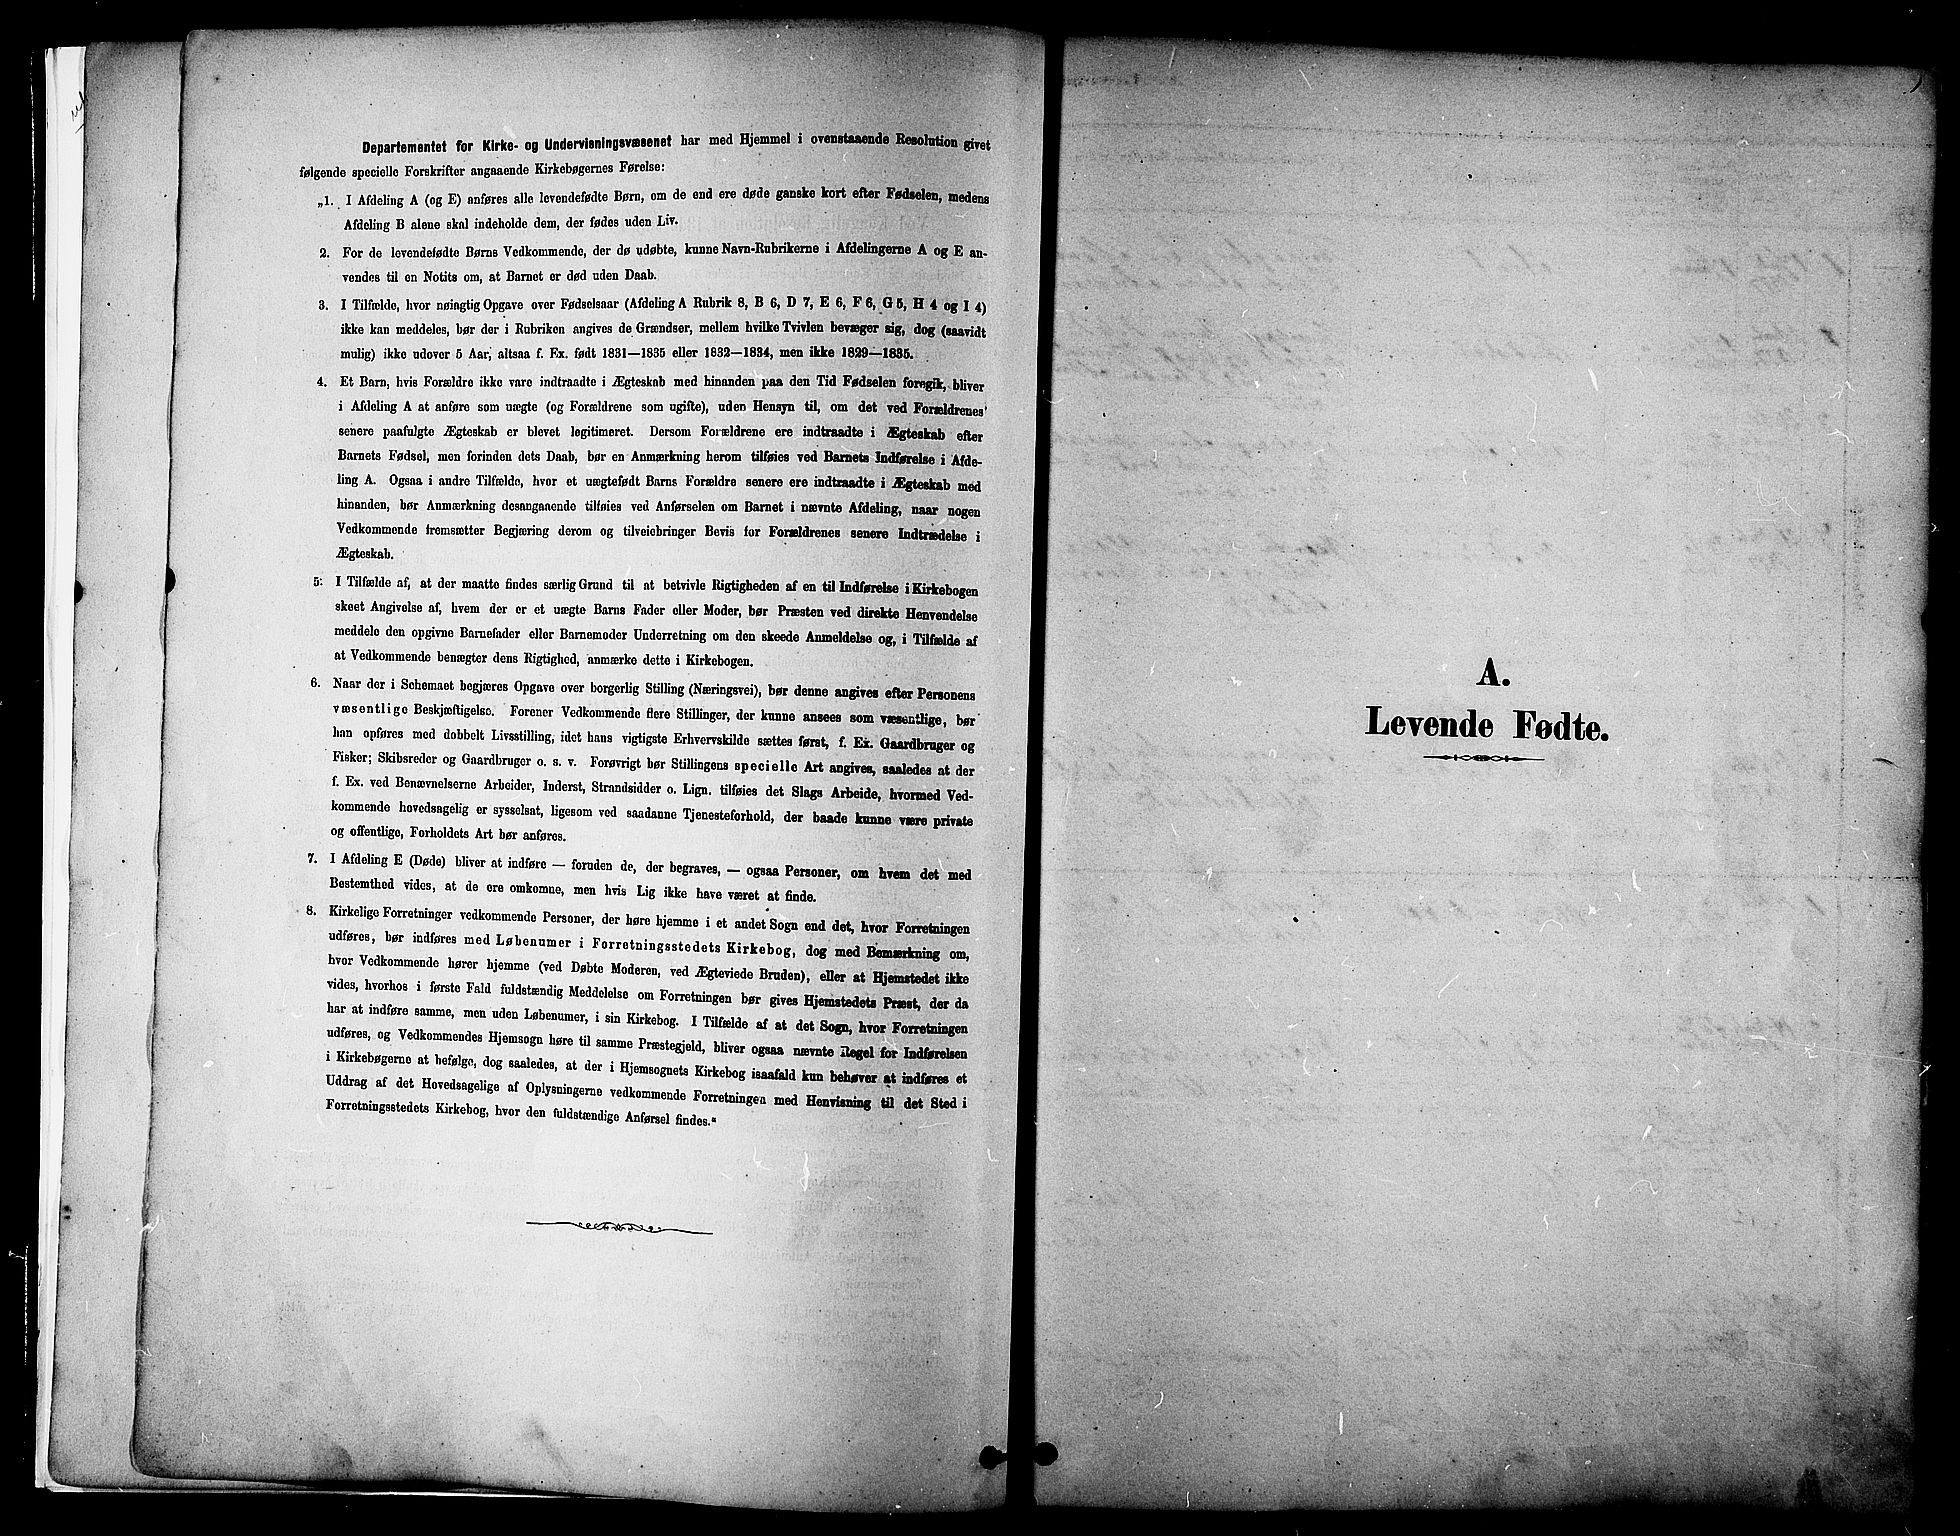 SAT, Ministerialprotokoller, klokkerbøker og fødselsregistre - Sør-Trøndelag, 606/L0294: Ministerialbok nr. 606A09, 1878-1886, s. 1